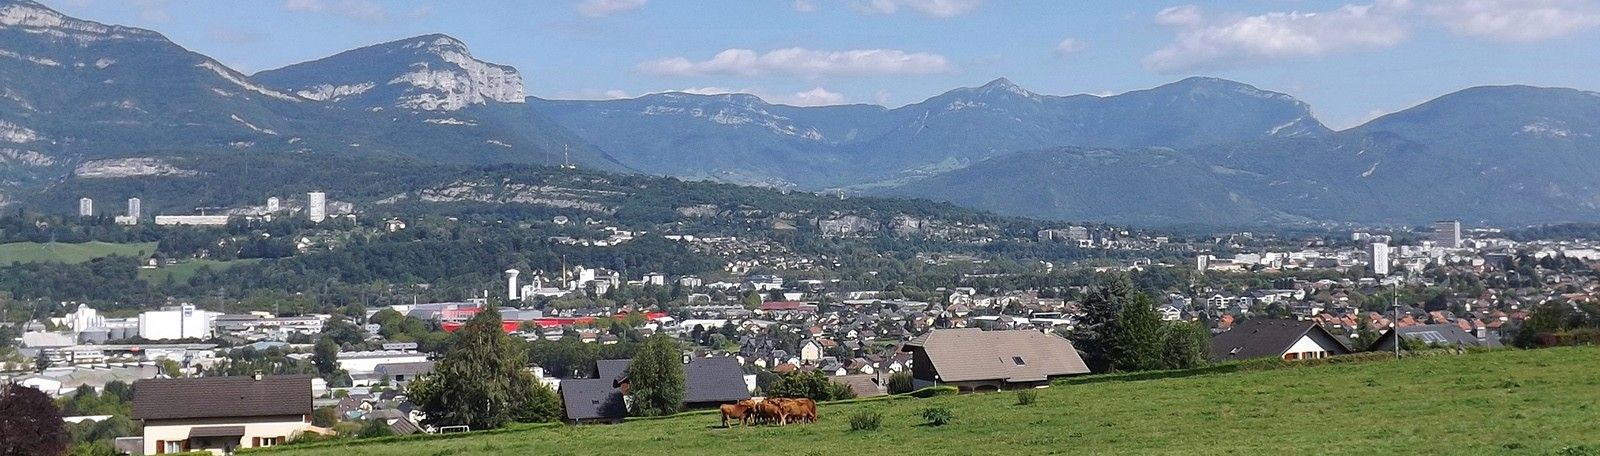 Q-Park Cassine - 268 Chemin de la Cassine 73000 Chambéry